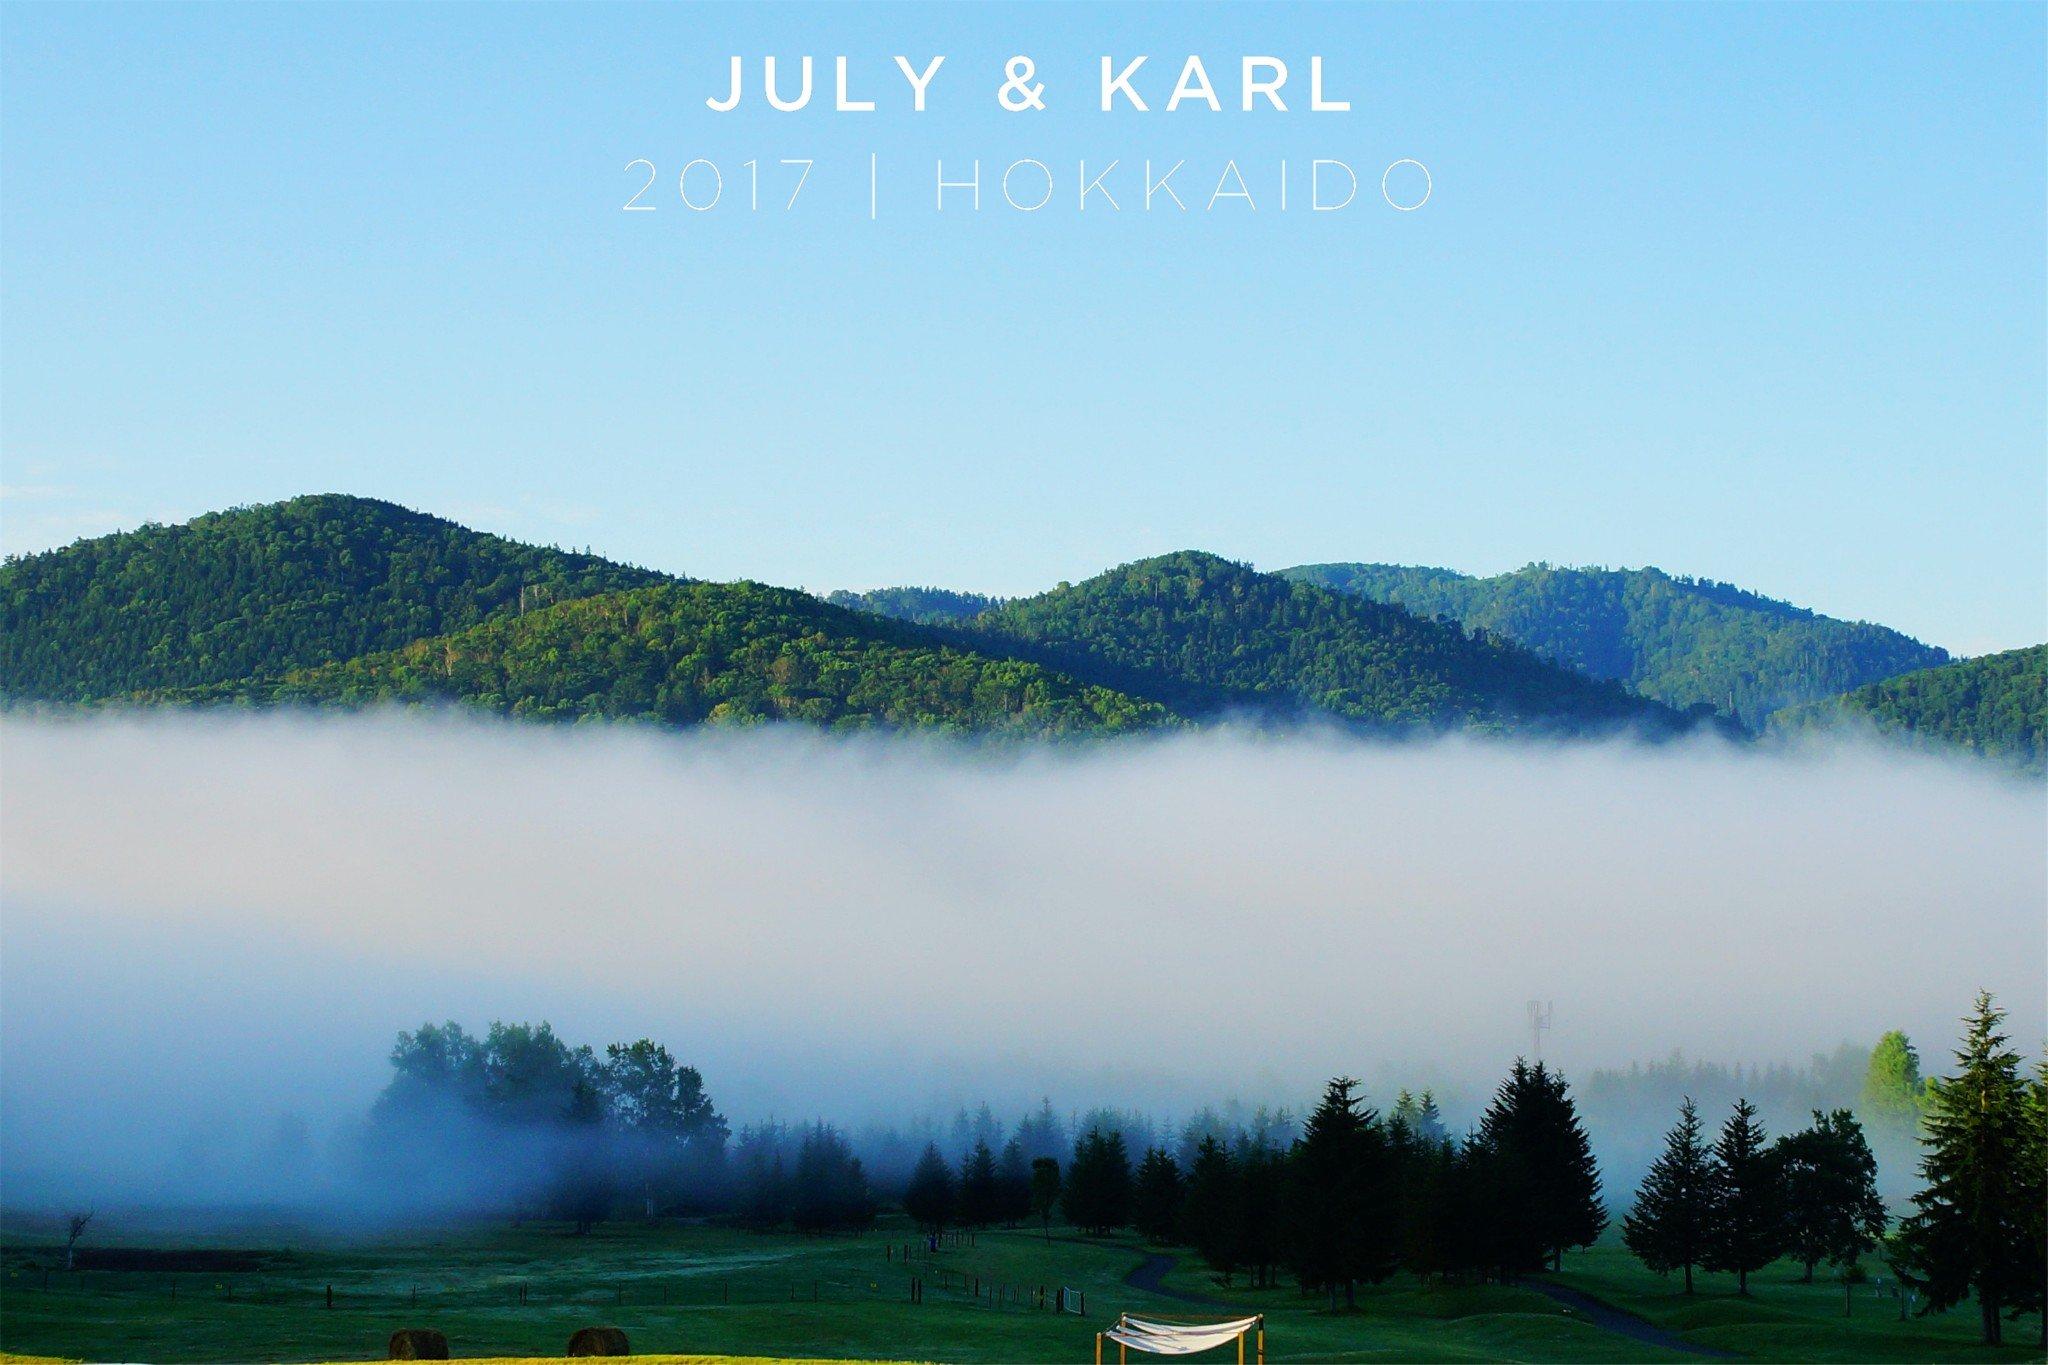 夏日那首浪漫的诗,名叫北海道  北海道七日漫游记